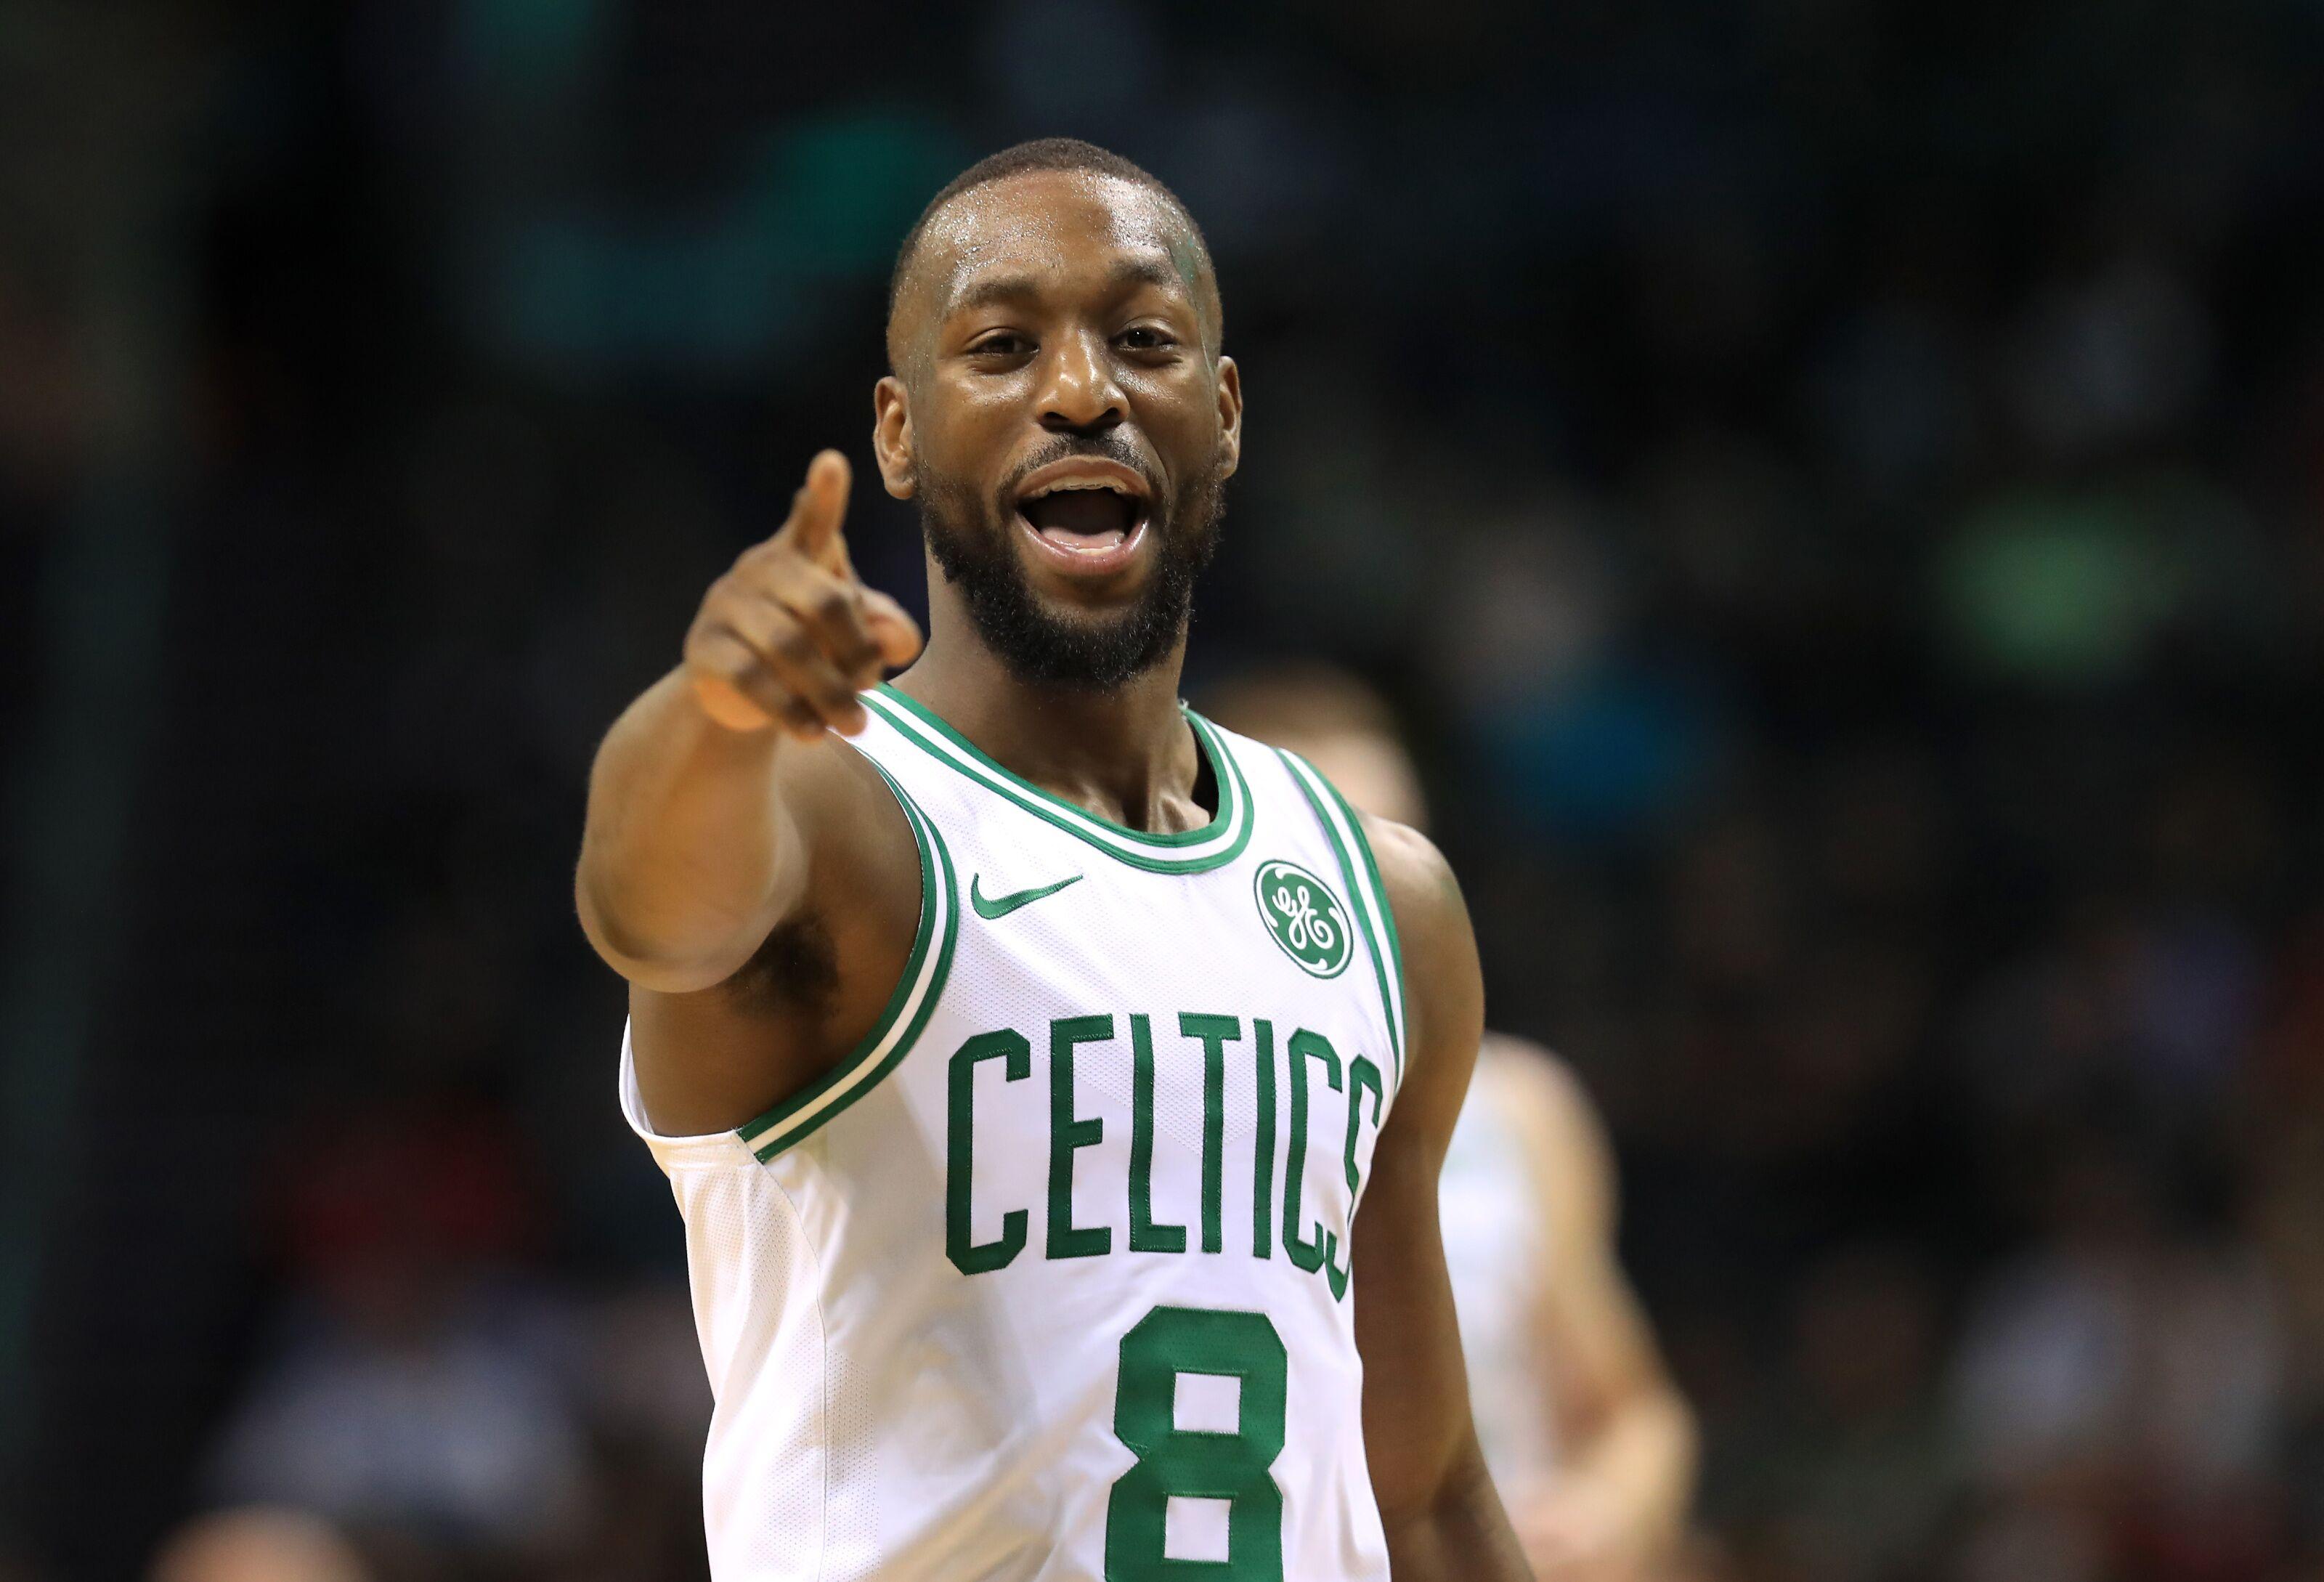 Boston Celtics: Kemba Walker deserved to start over Kyrie Irving in All-Star Game